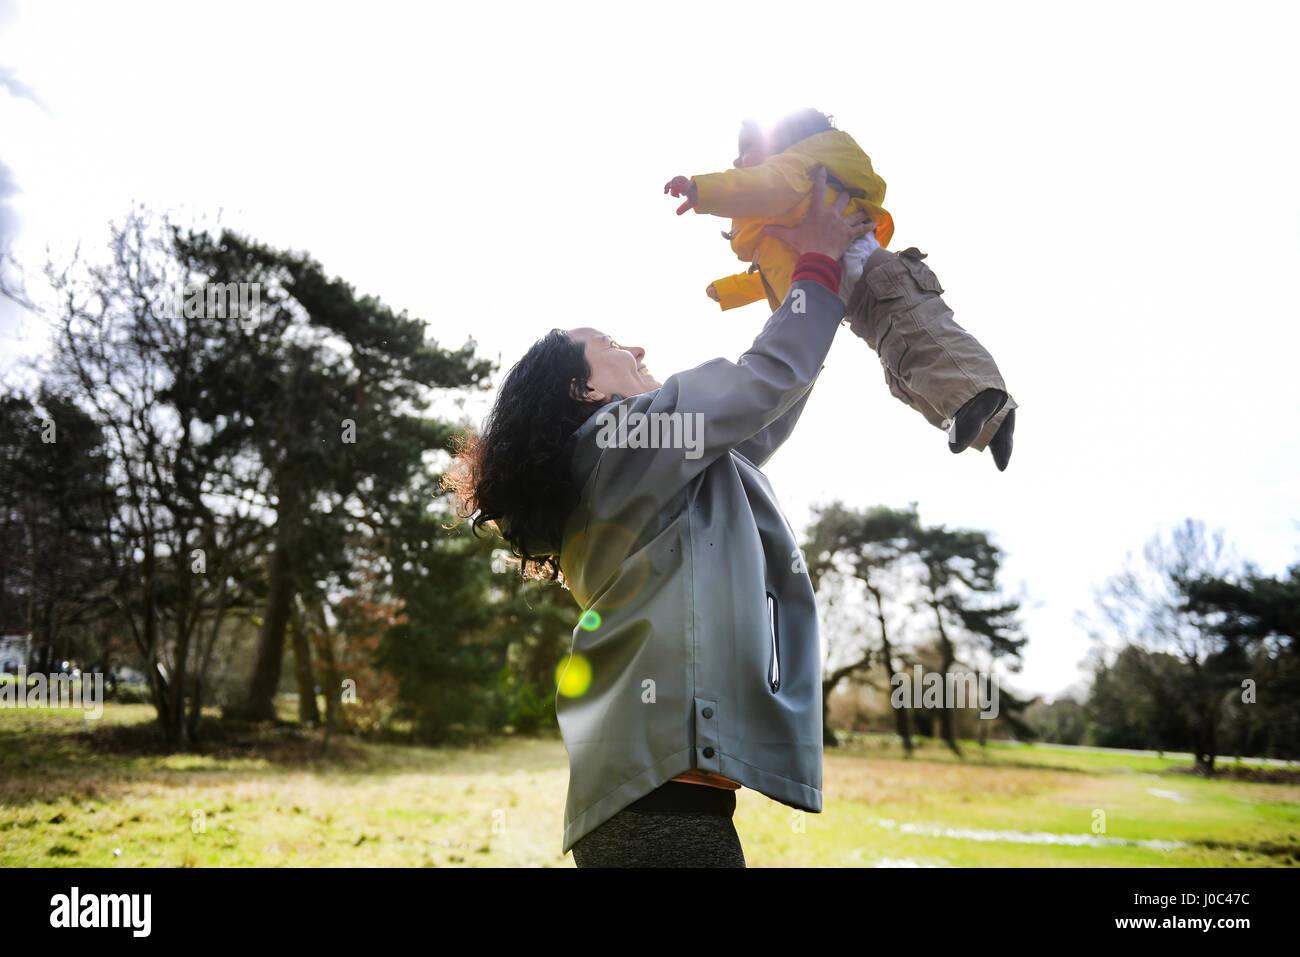 Reife Frau hochhalten und spielen mit Baby Sohn im park Stockbild